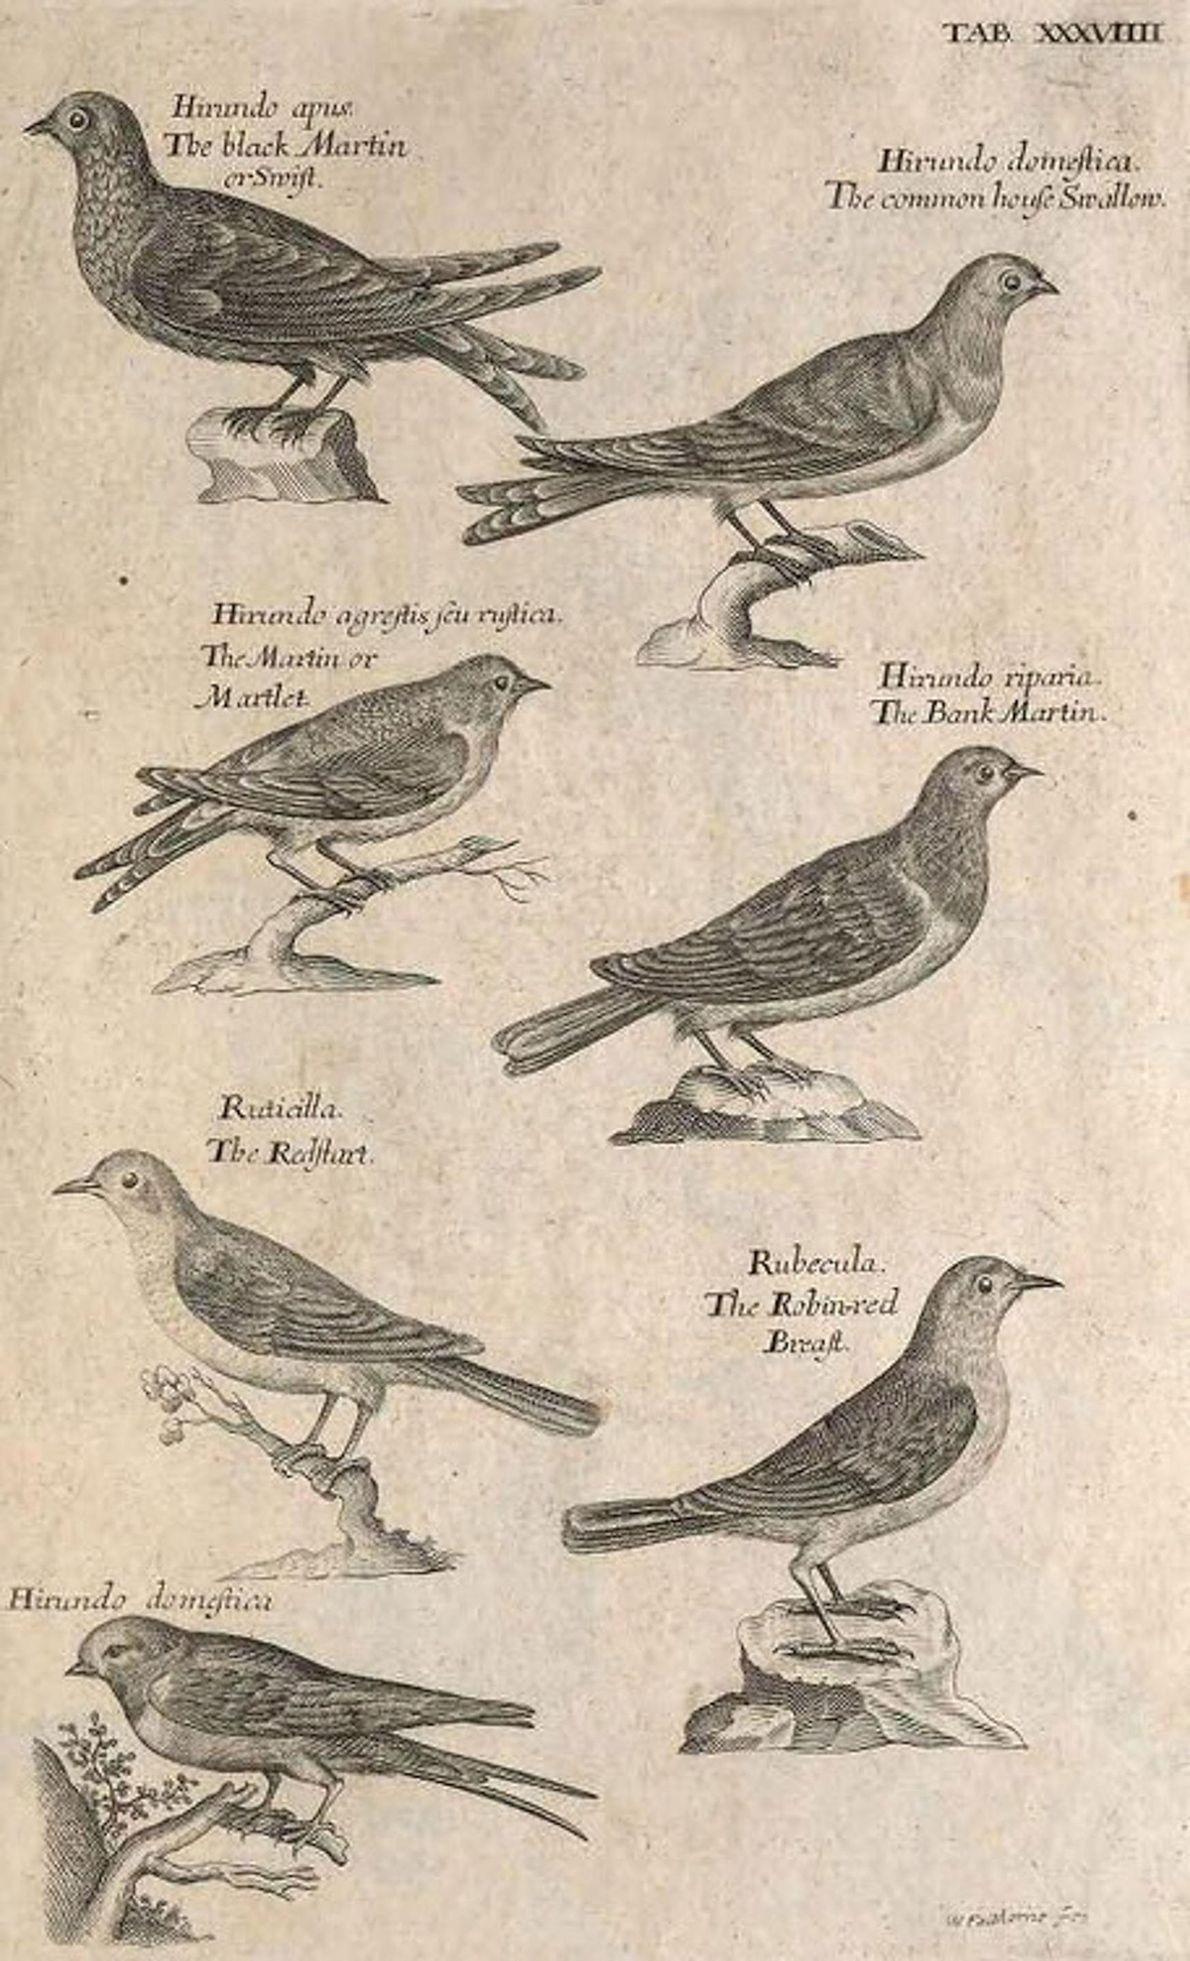 """Das sind einige Skizzen von Willughbys """"Ornithology"""": eine Schwalbe, ein Schnäpperwaldsänger und ein Rotkehlchen, 1678."""